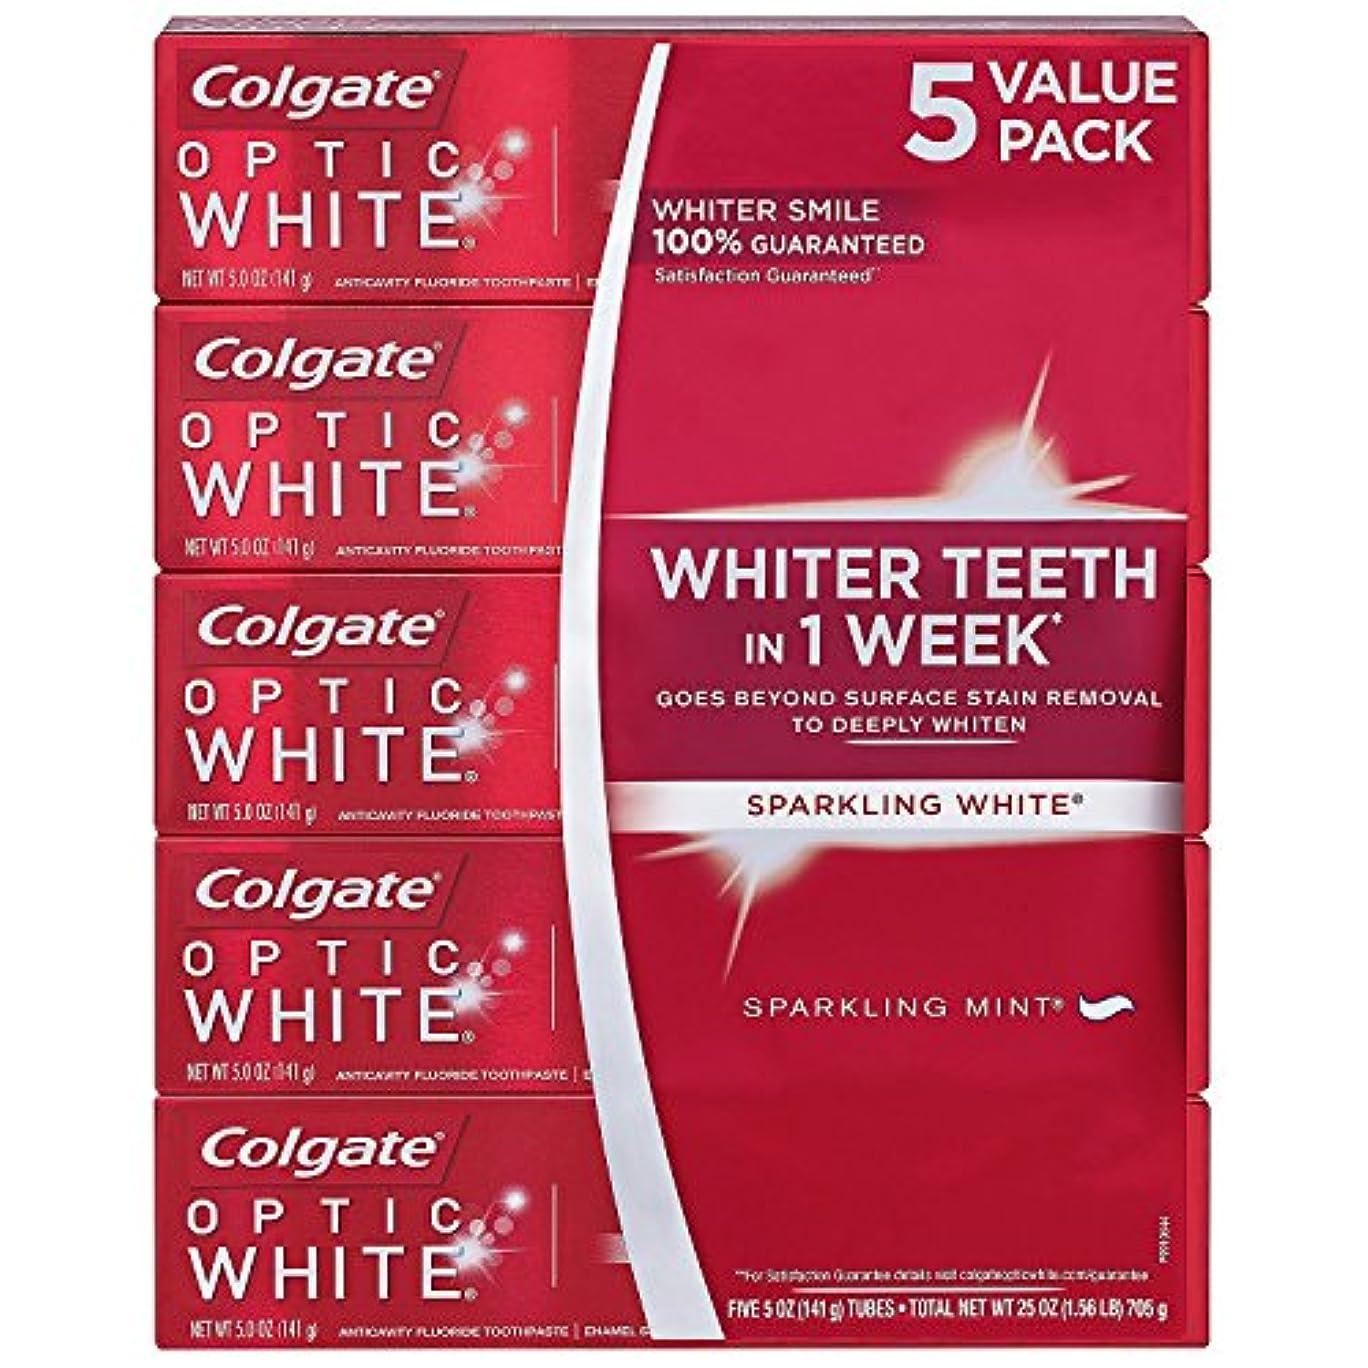 ドアミラー不毛持つ海外直送品 Colgate Optic White コルゲート オプティック ホワイト スパークリングミント141g ×5本 [Pack of 5]